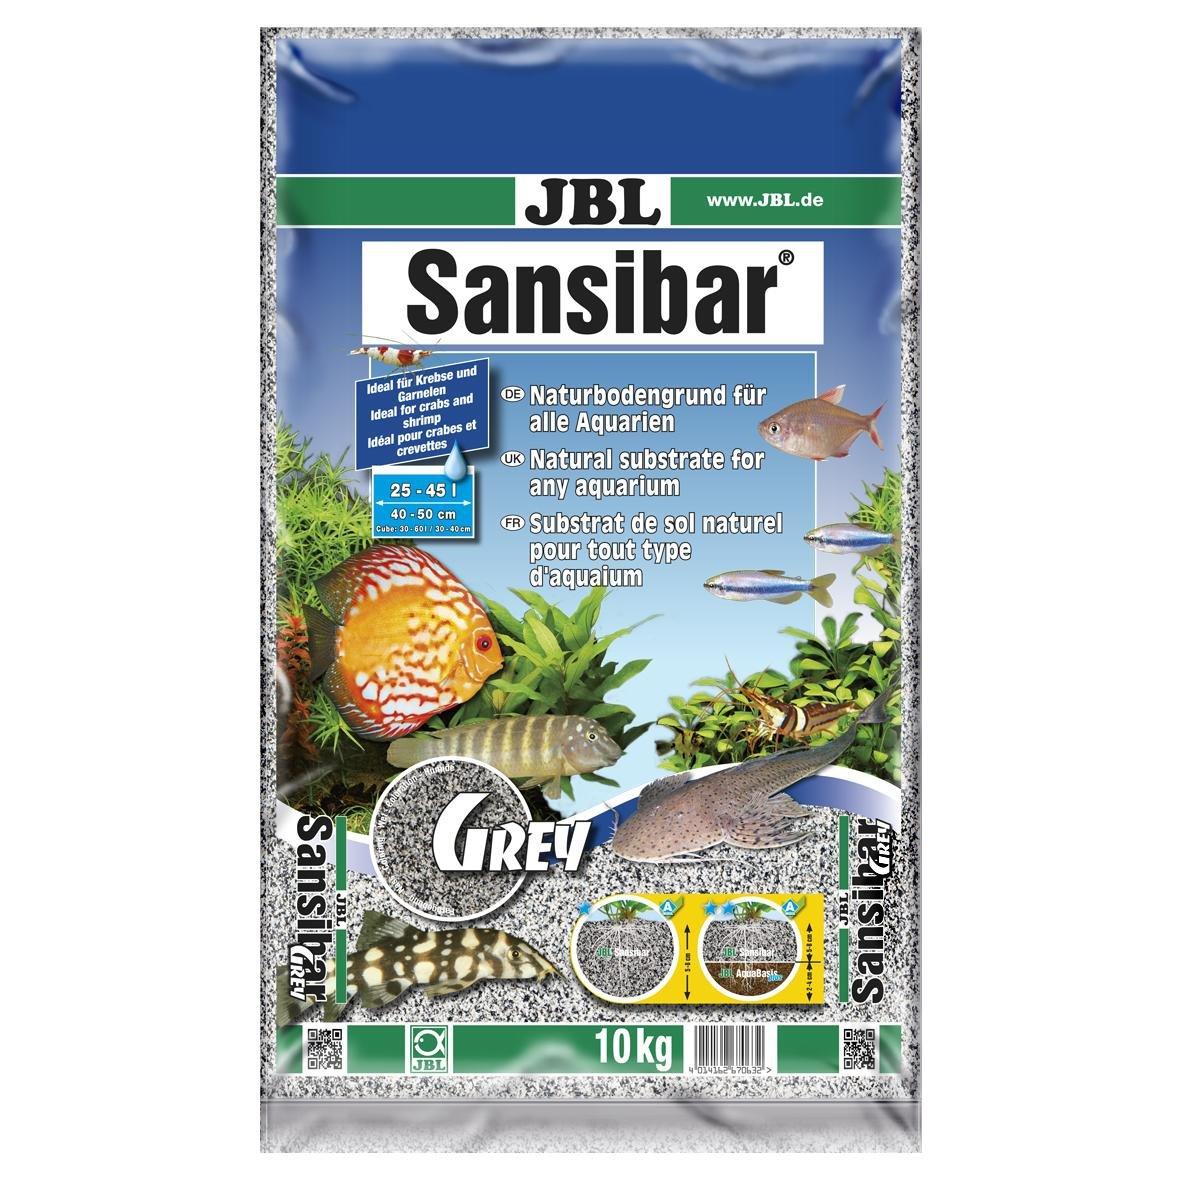 JBL Sansibar GREY 10kg - Substrat de sol fin gris pour aquariums d'eau douce ou d'eau de mer 6706300